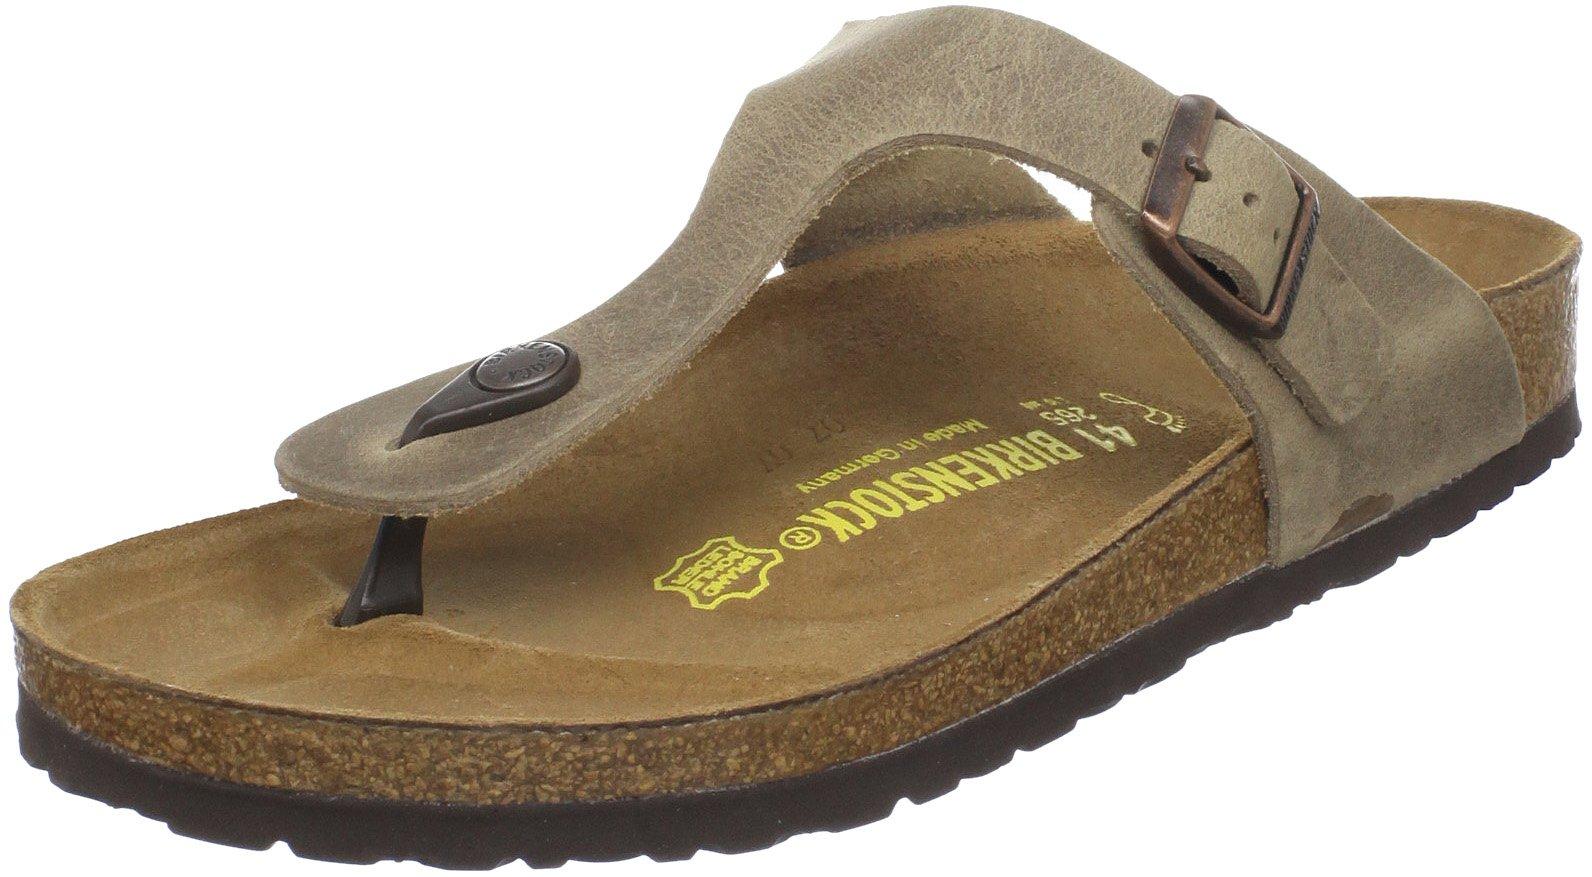 Birkenstock-Women-039-s-Gizeh-Thong-Sandals thumbnail 17